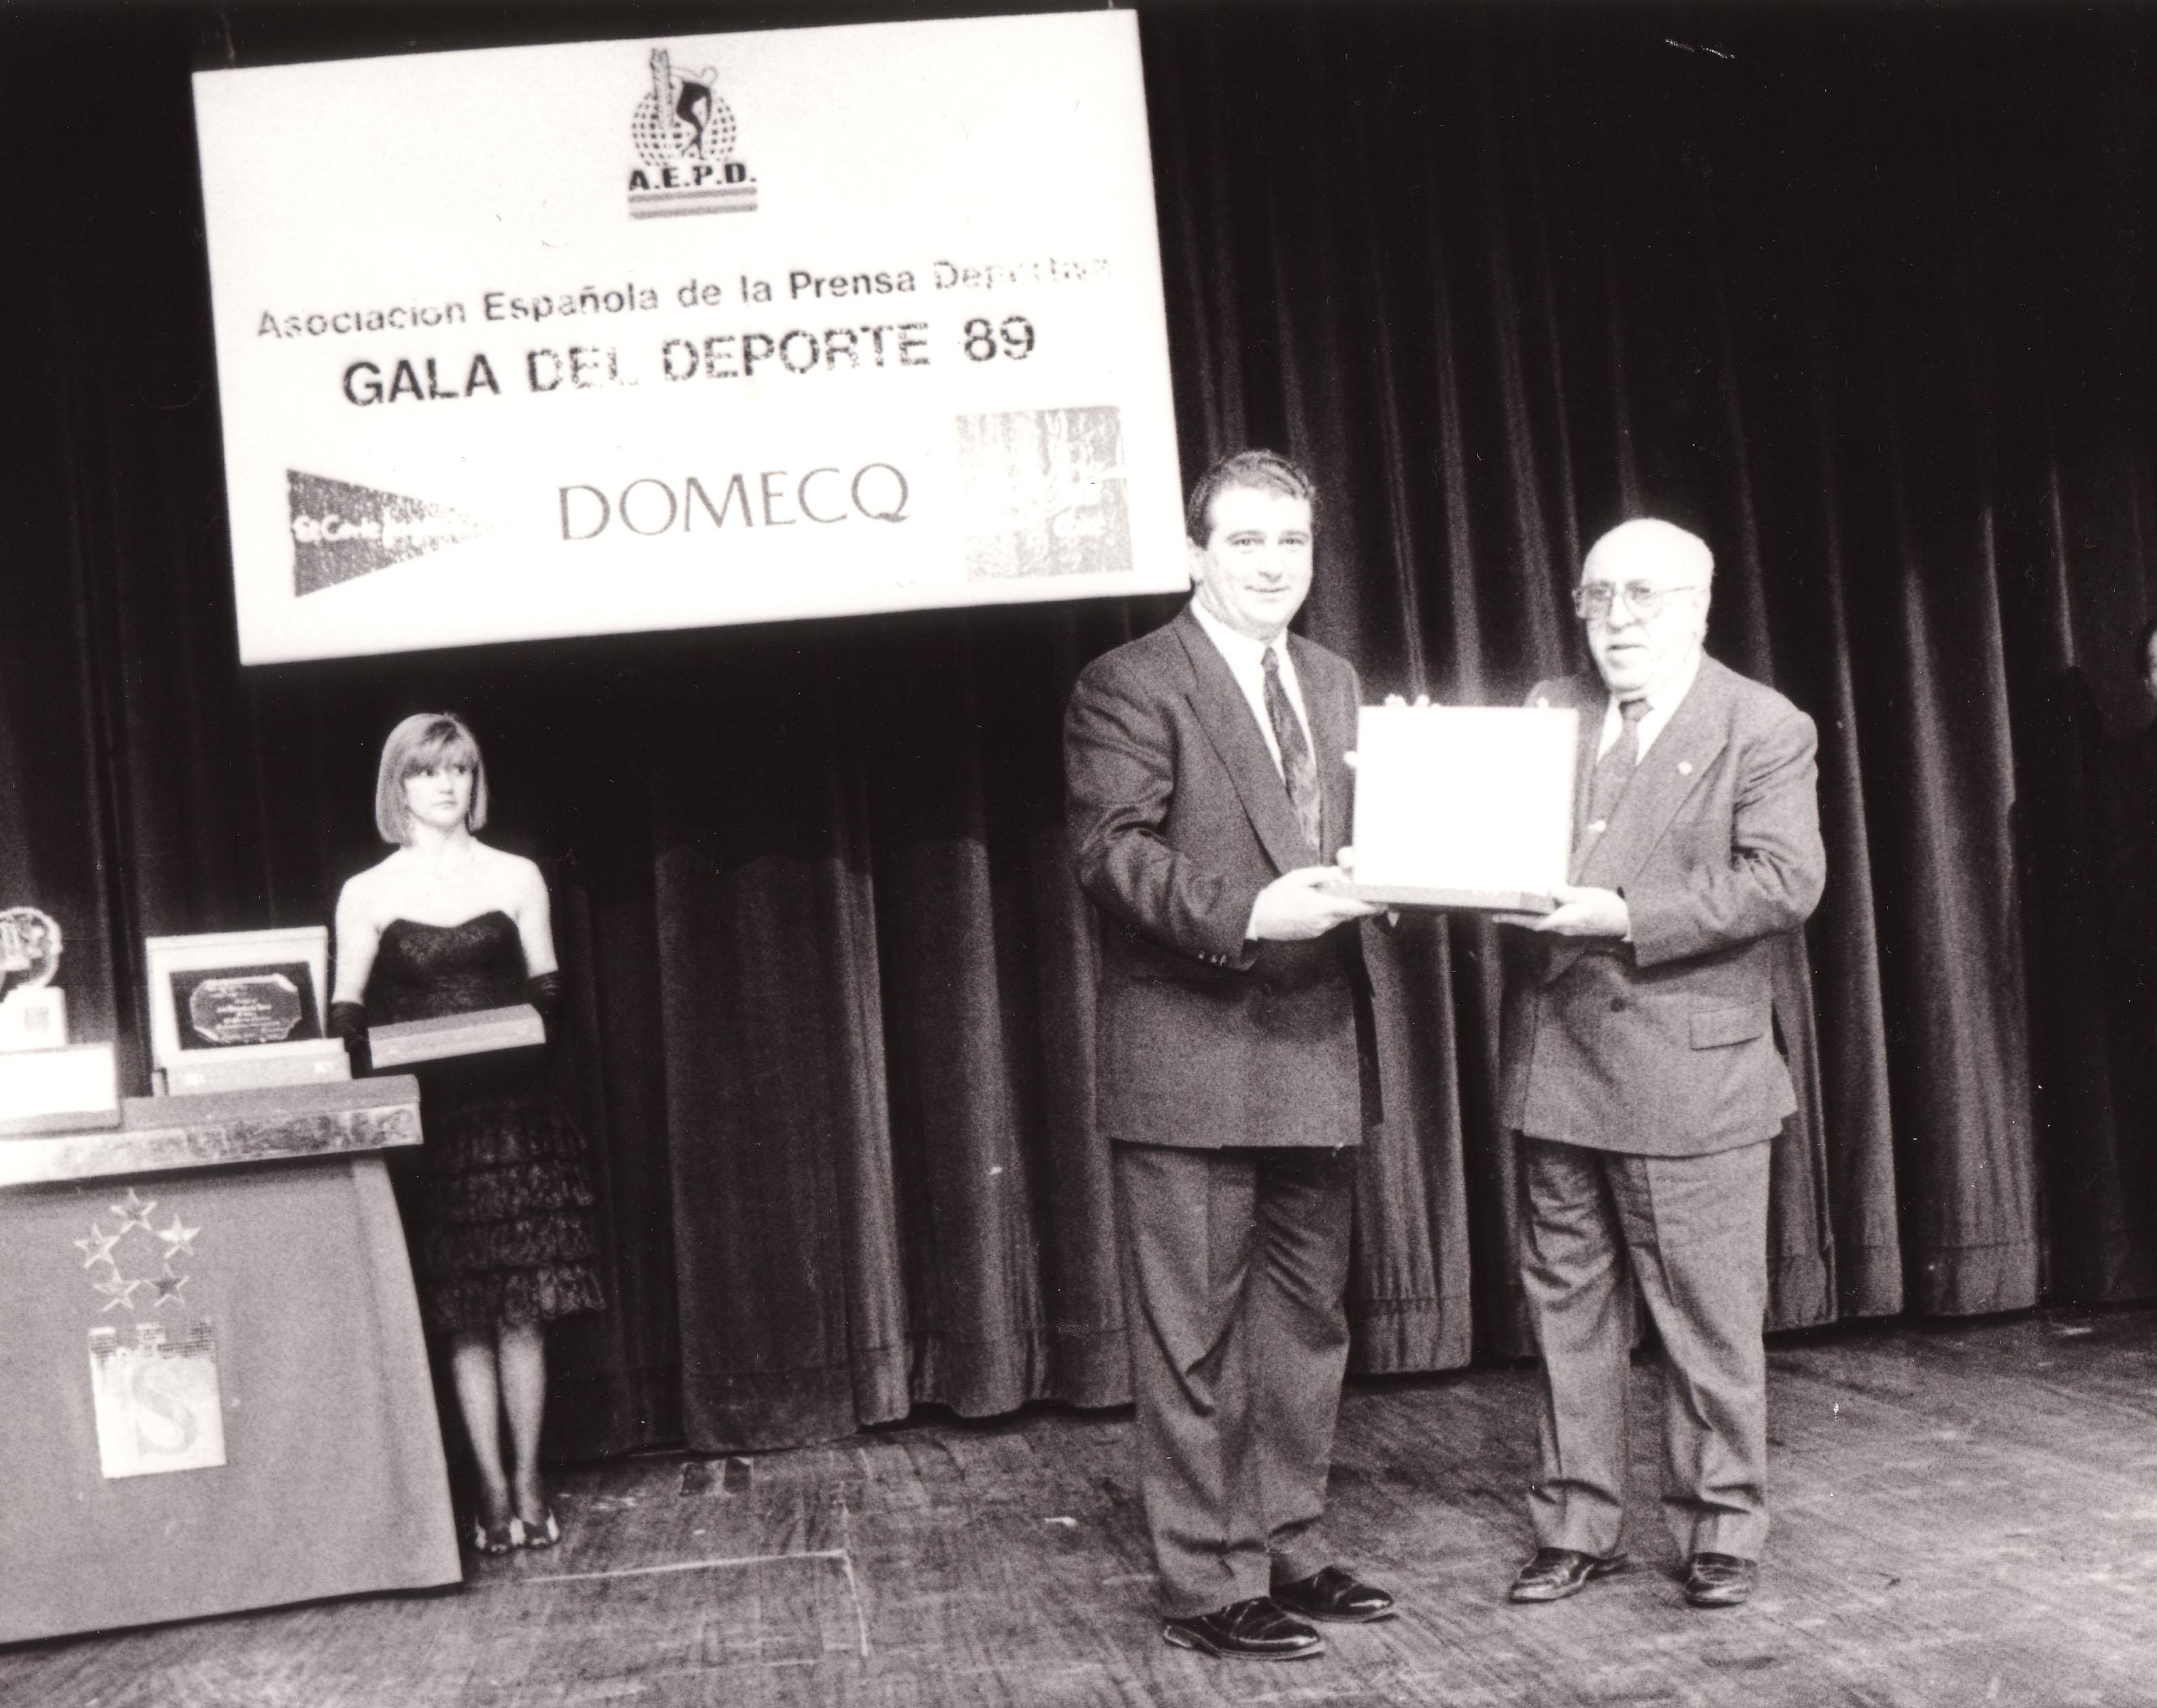 Con Fernando Utande recogiando el premio de la Asociación Española de la Prensa deportiva para Antena 3 Radio.